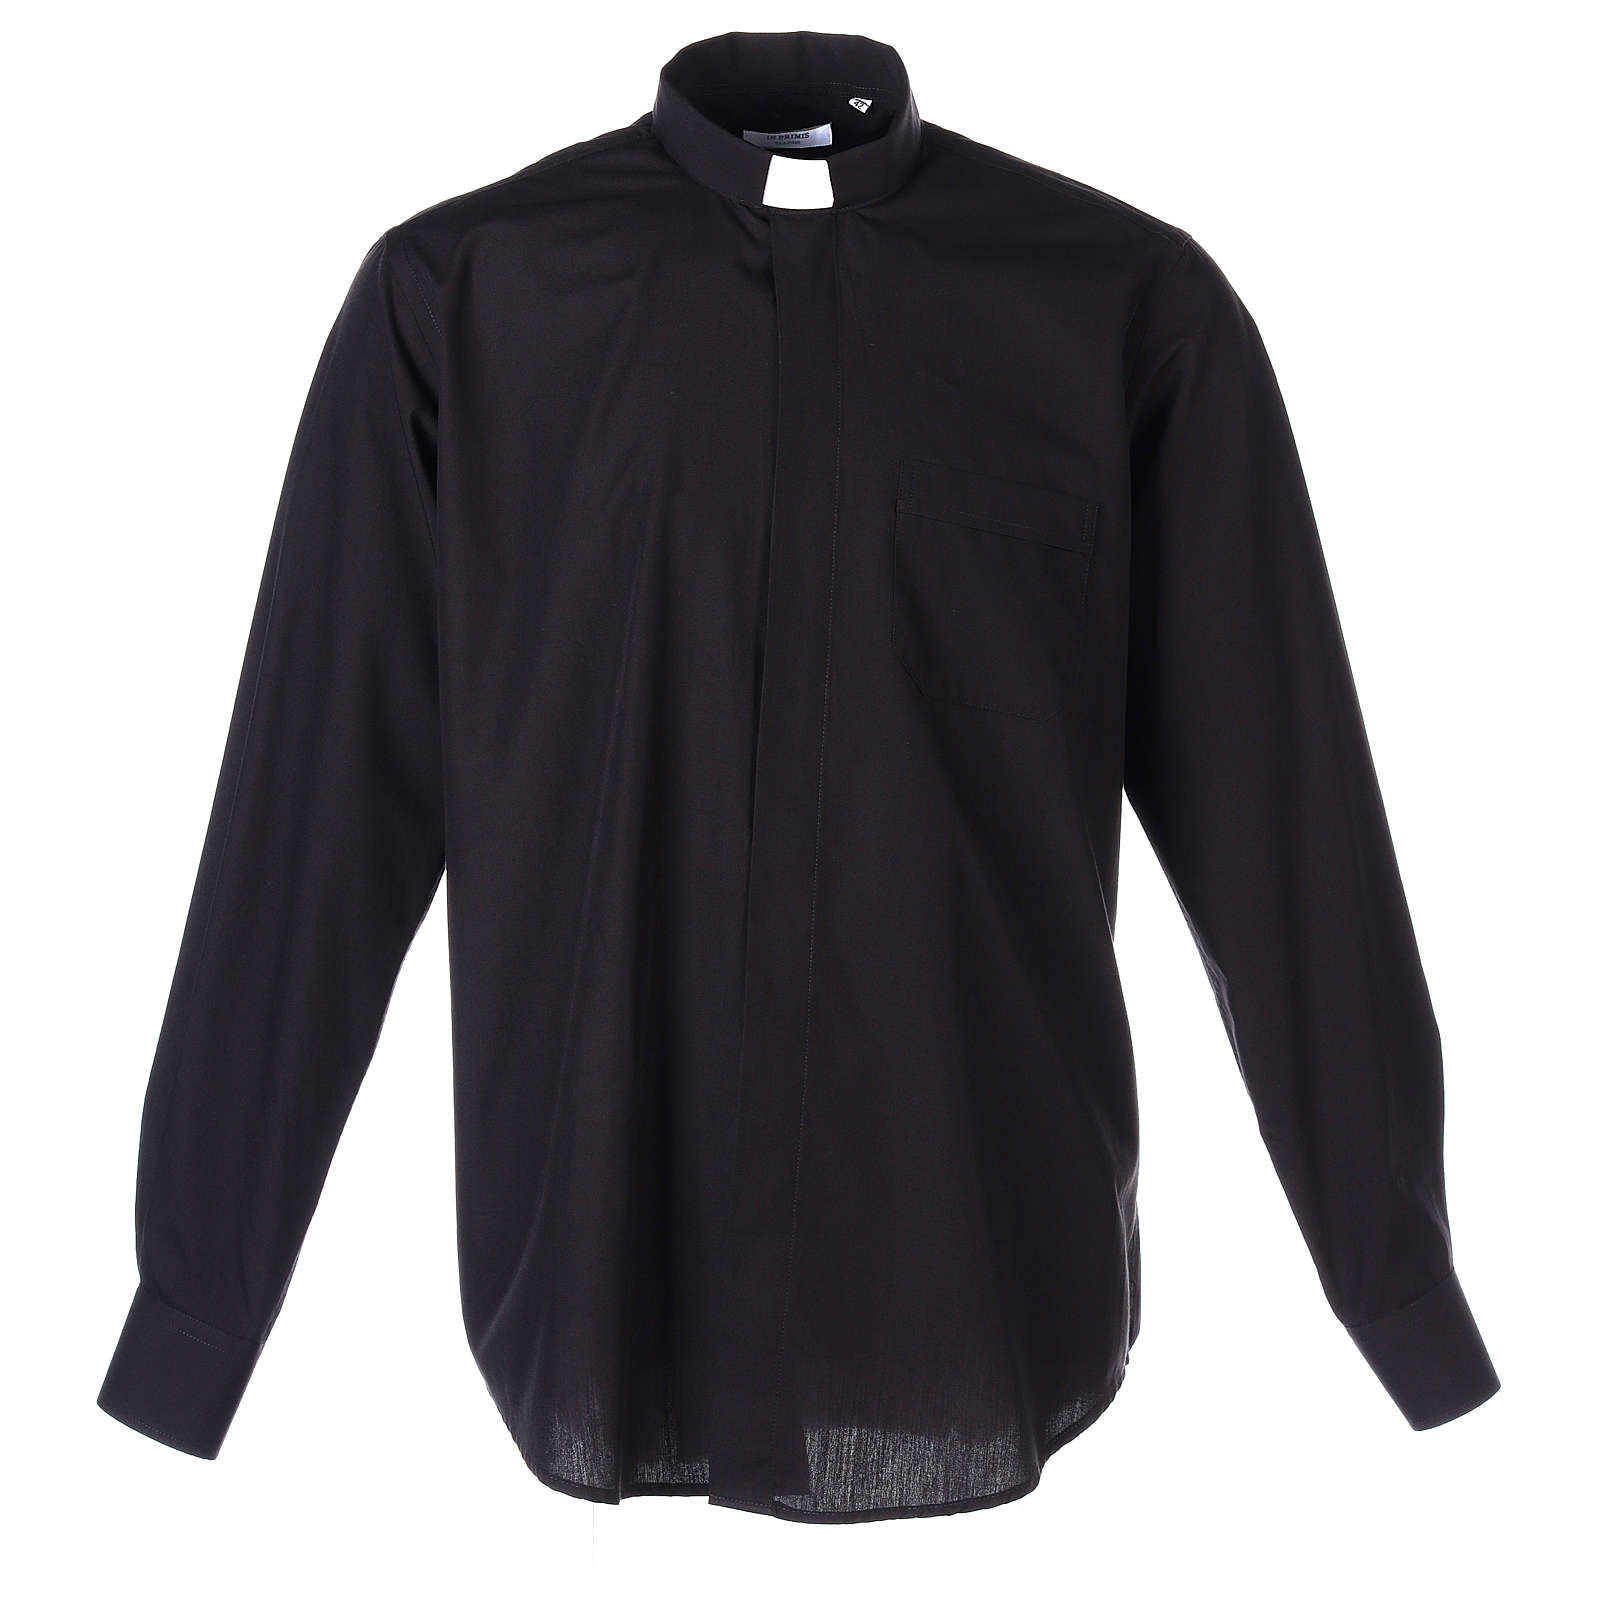 Chemise Clergyman longues manches tissu mixte coton noir 4